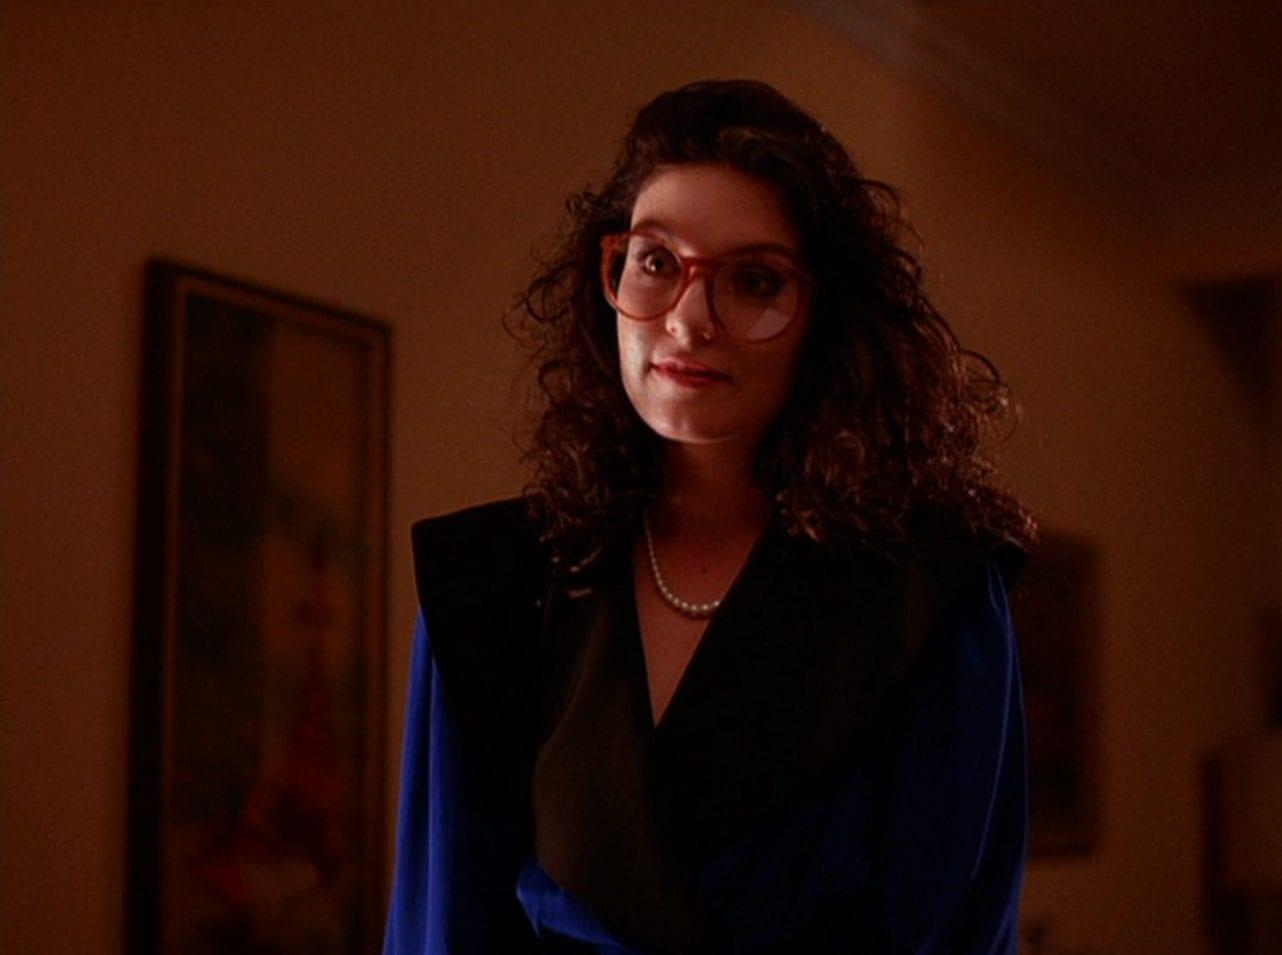 Maddy Ferguson arrives in Twin Peaks